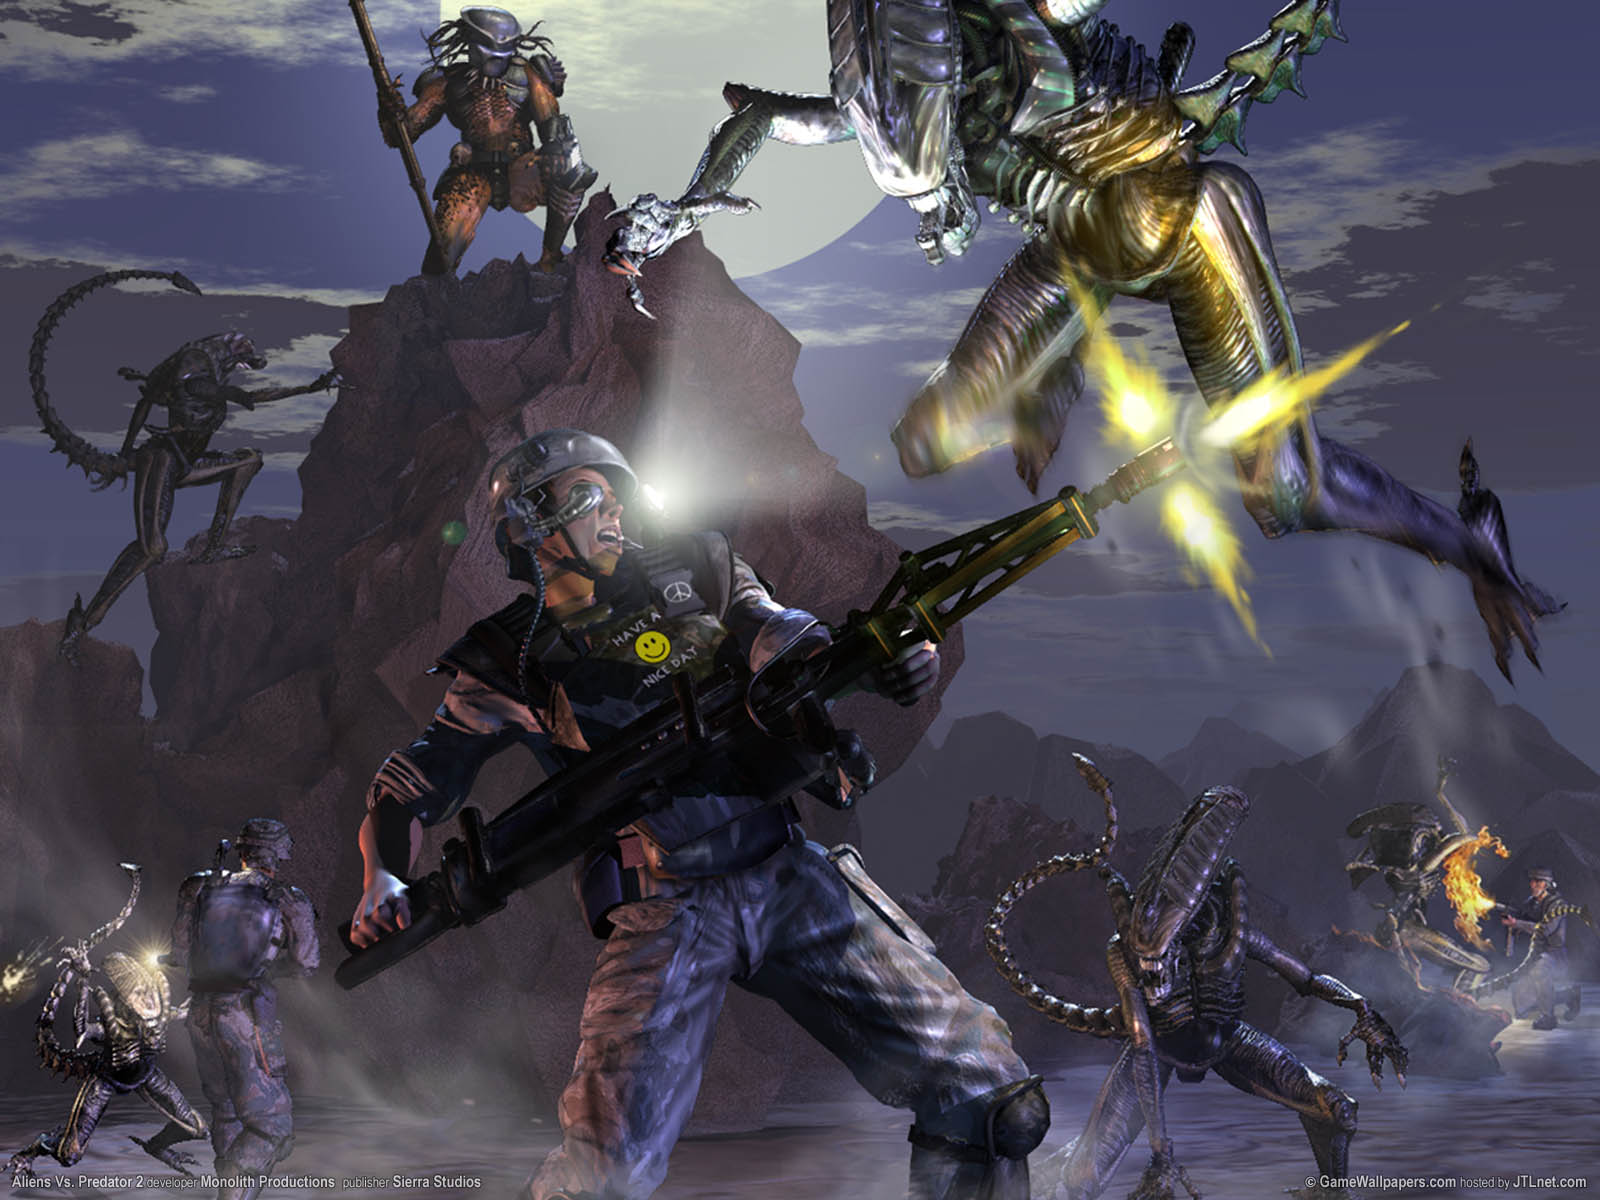 Aliens Vs. Predator 2νmmer=07 achtergrond  1600x1200